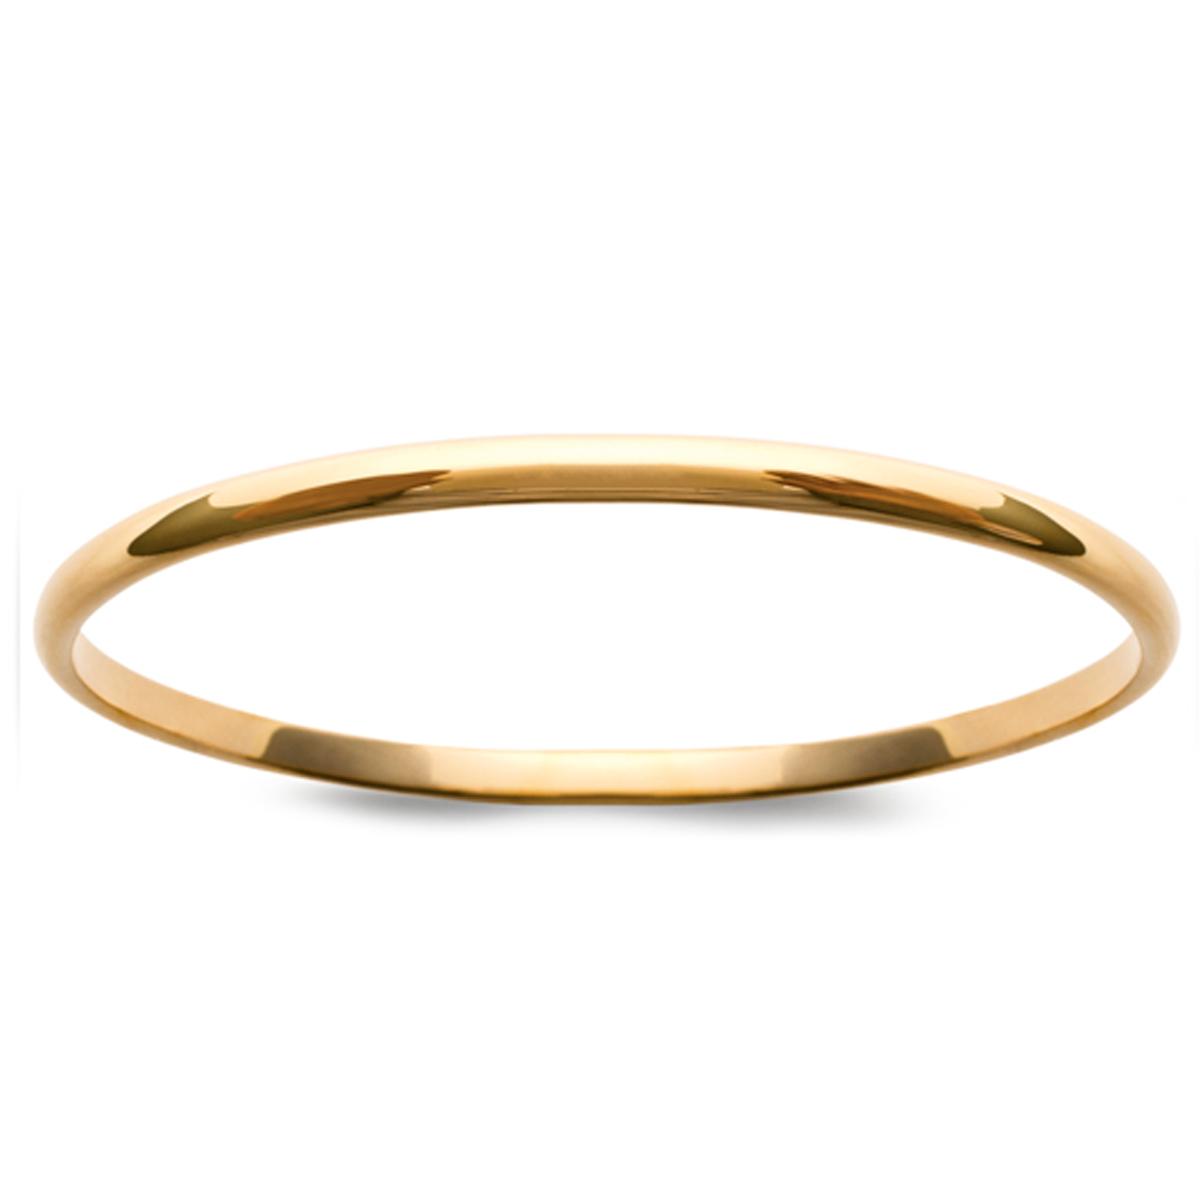 Bracelet Plaqué Or \'Demi-Jonc\' doré - 62 mm 4 mm - [J9353]